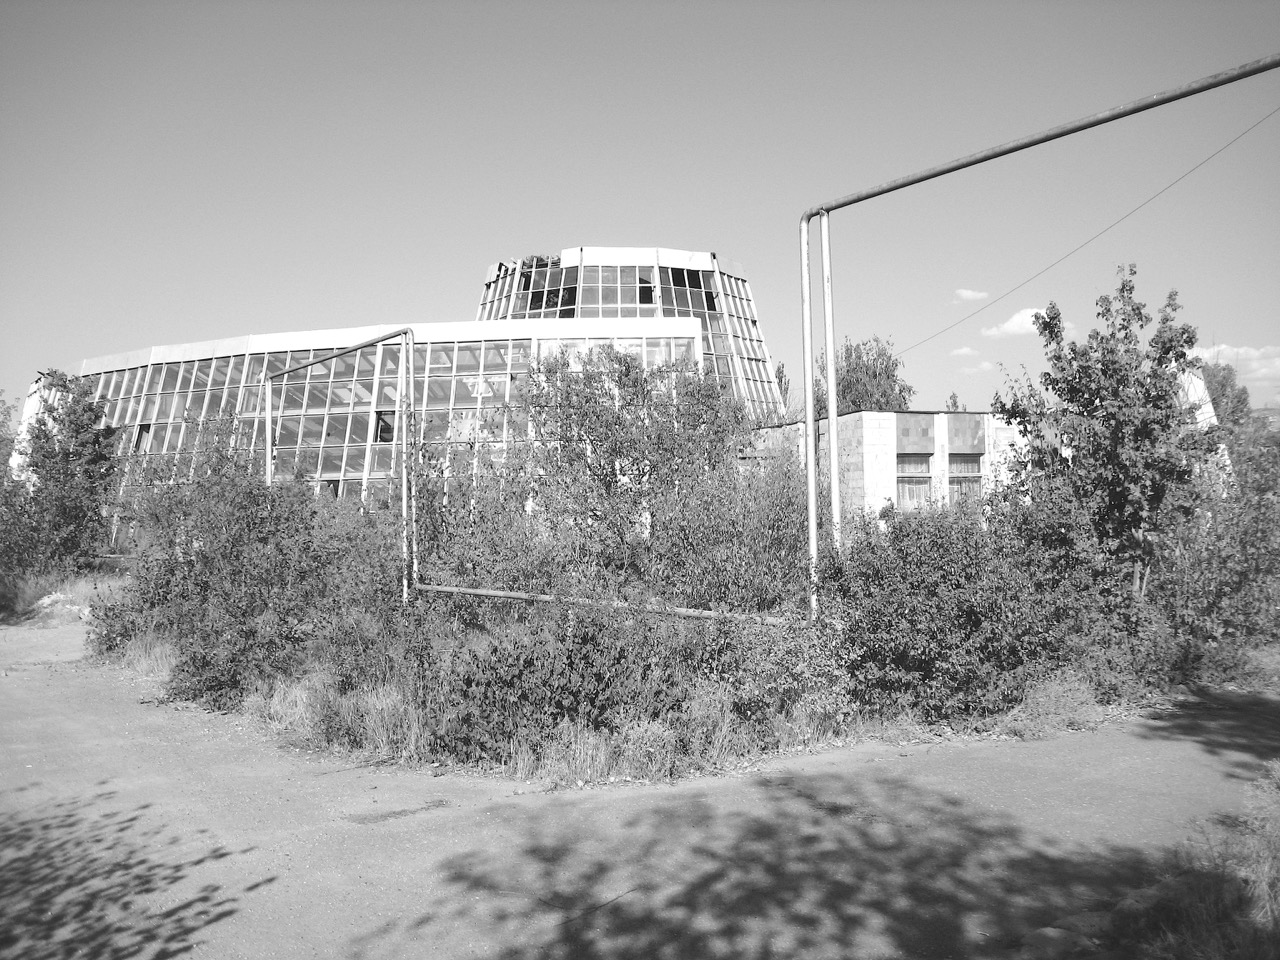 Foto: Botanischer Garten. Aus: Eriwan. Kapitel 5. Aufzeichnungen aus Armenien von Marc Degens.